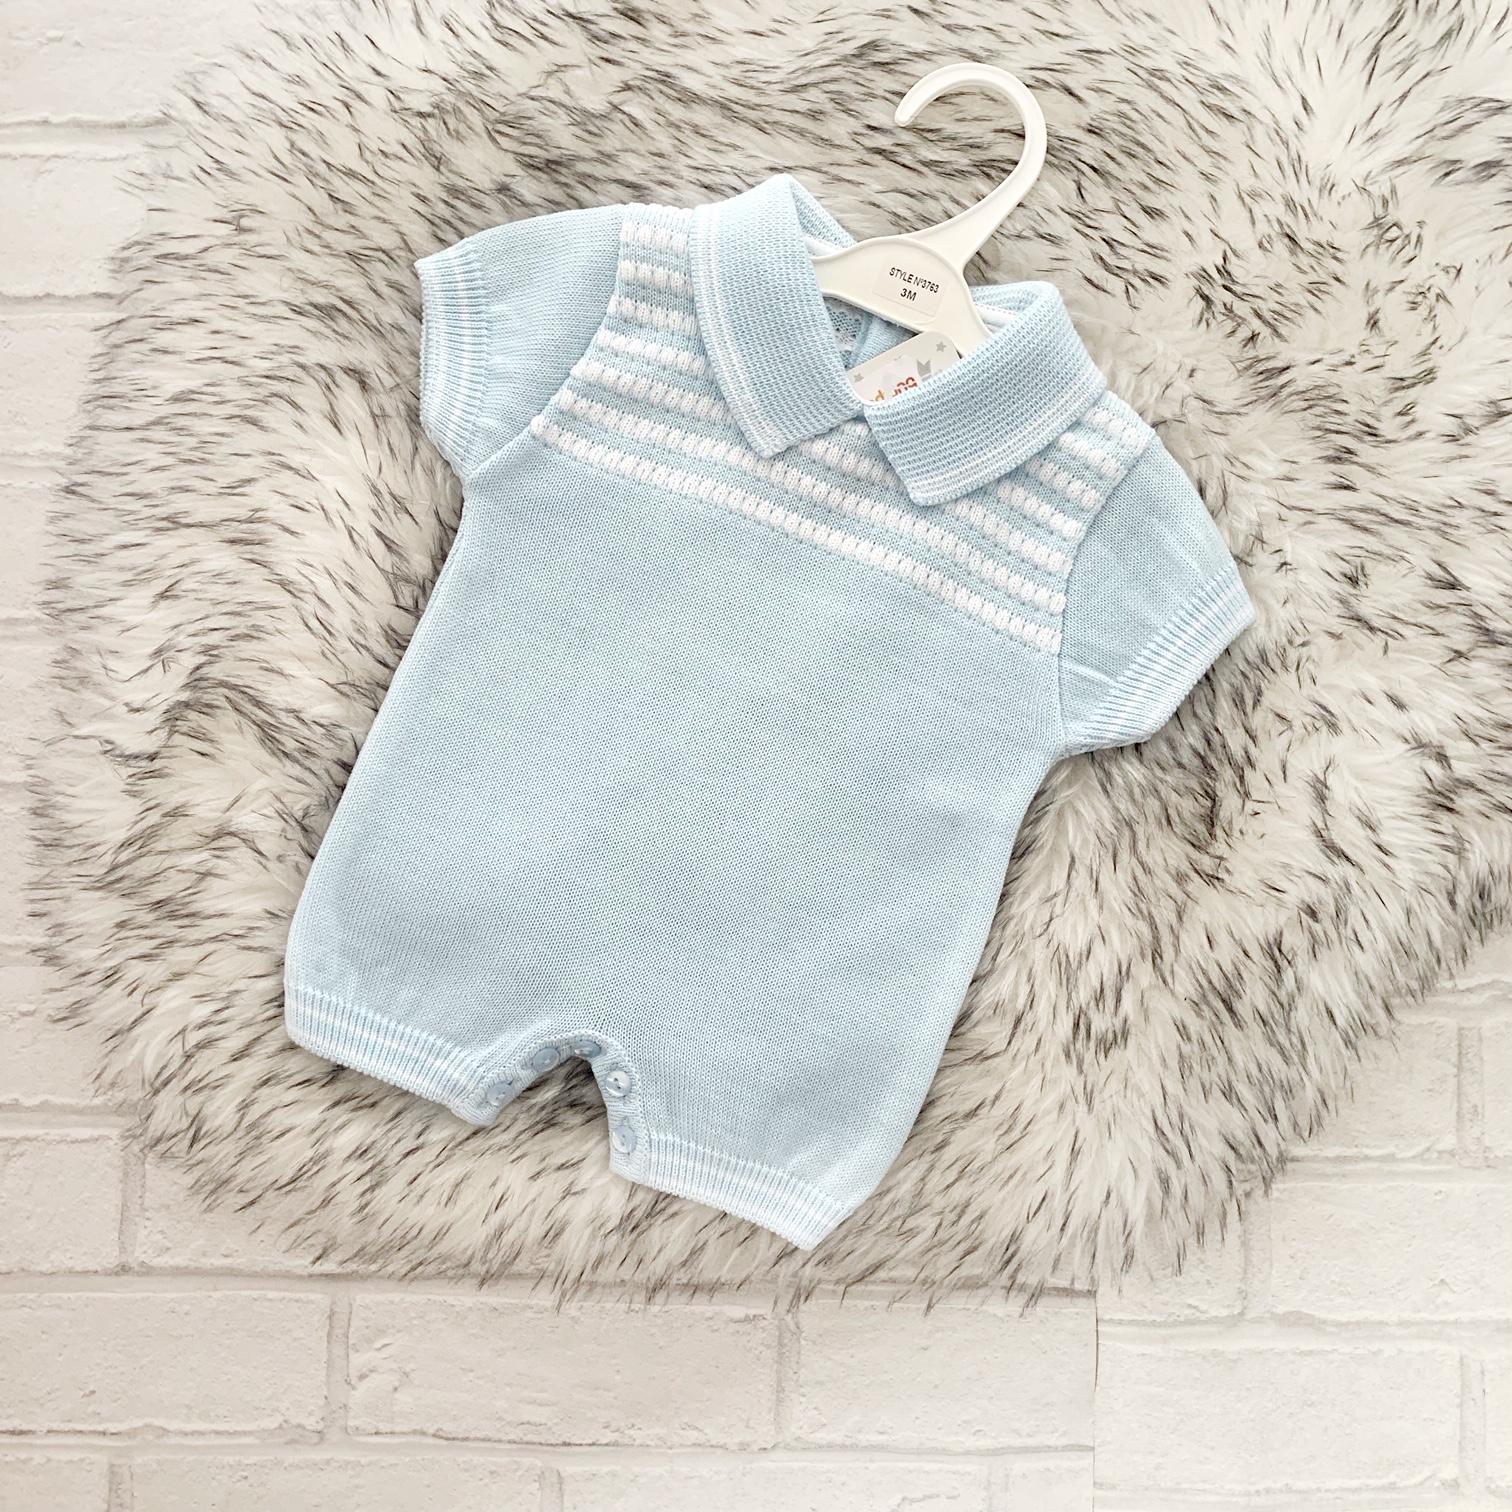 c9213cd5 Baby Boys Blue Short romper suit